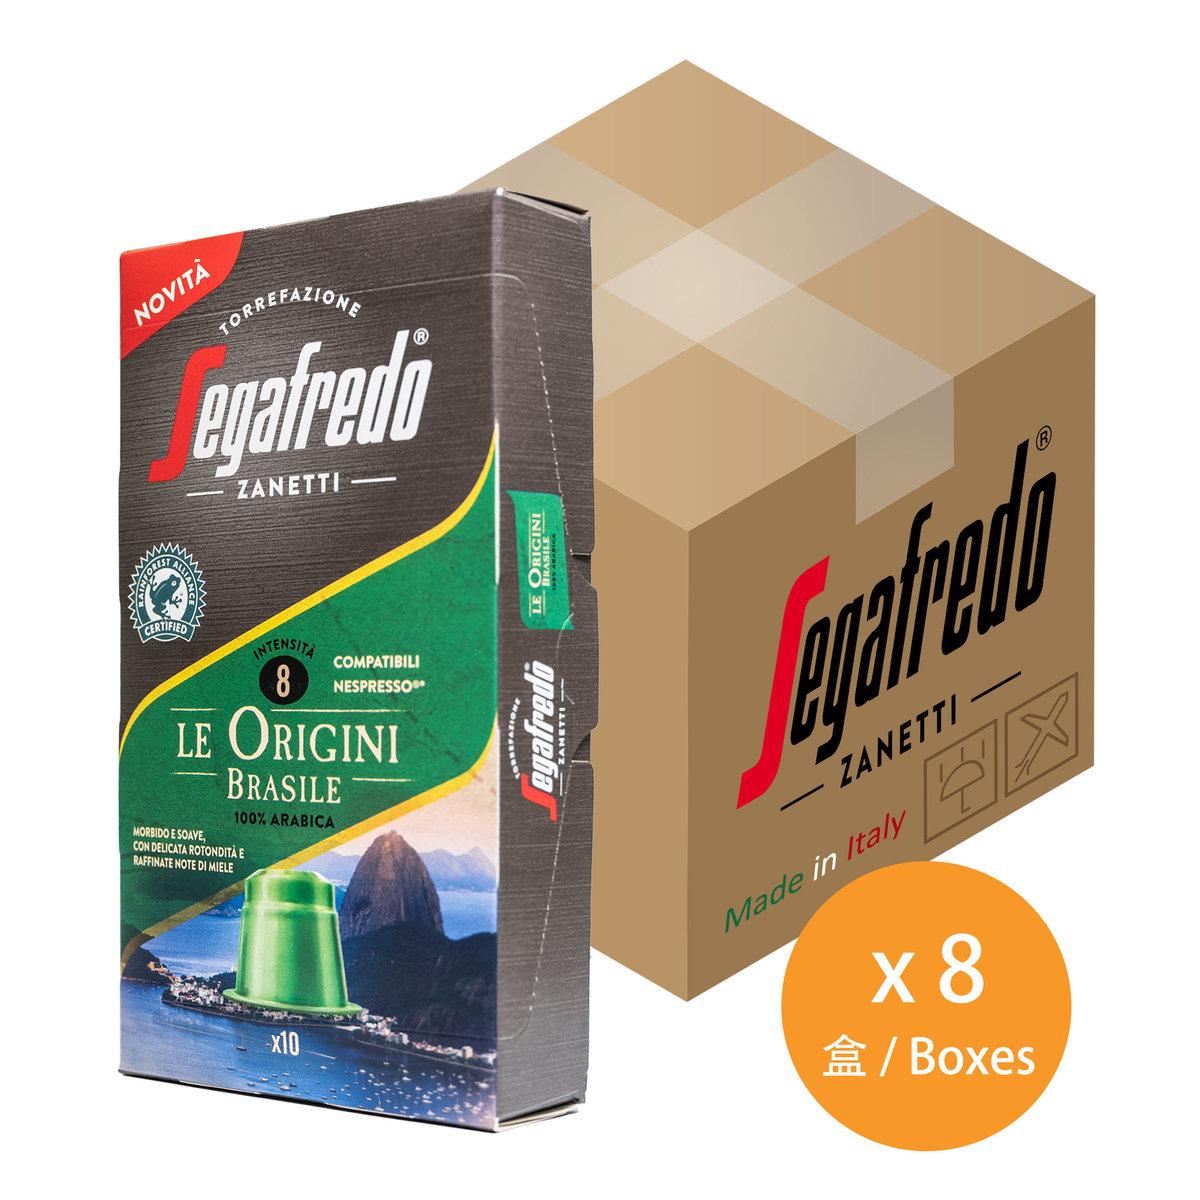 [100% Arabica (Single Origin)] Brasile Coffee Capsule x 8 Boxes (Nespresso® Compatible Capsule)